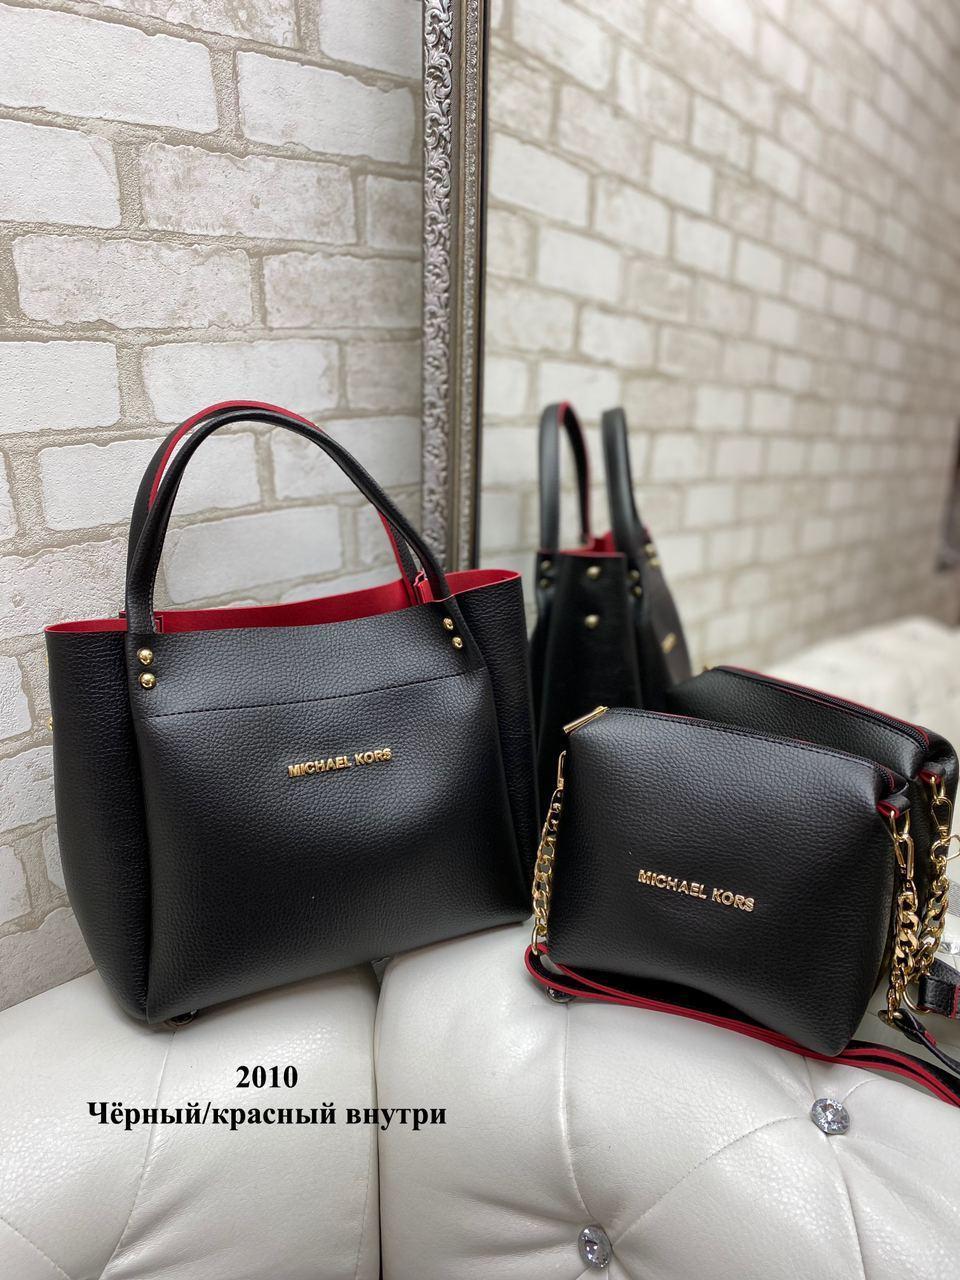 Стильный комплект из сумки и клатча